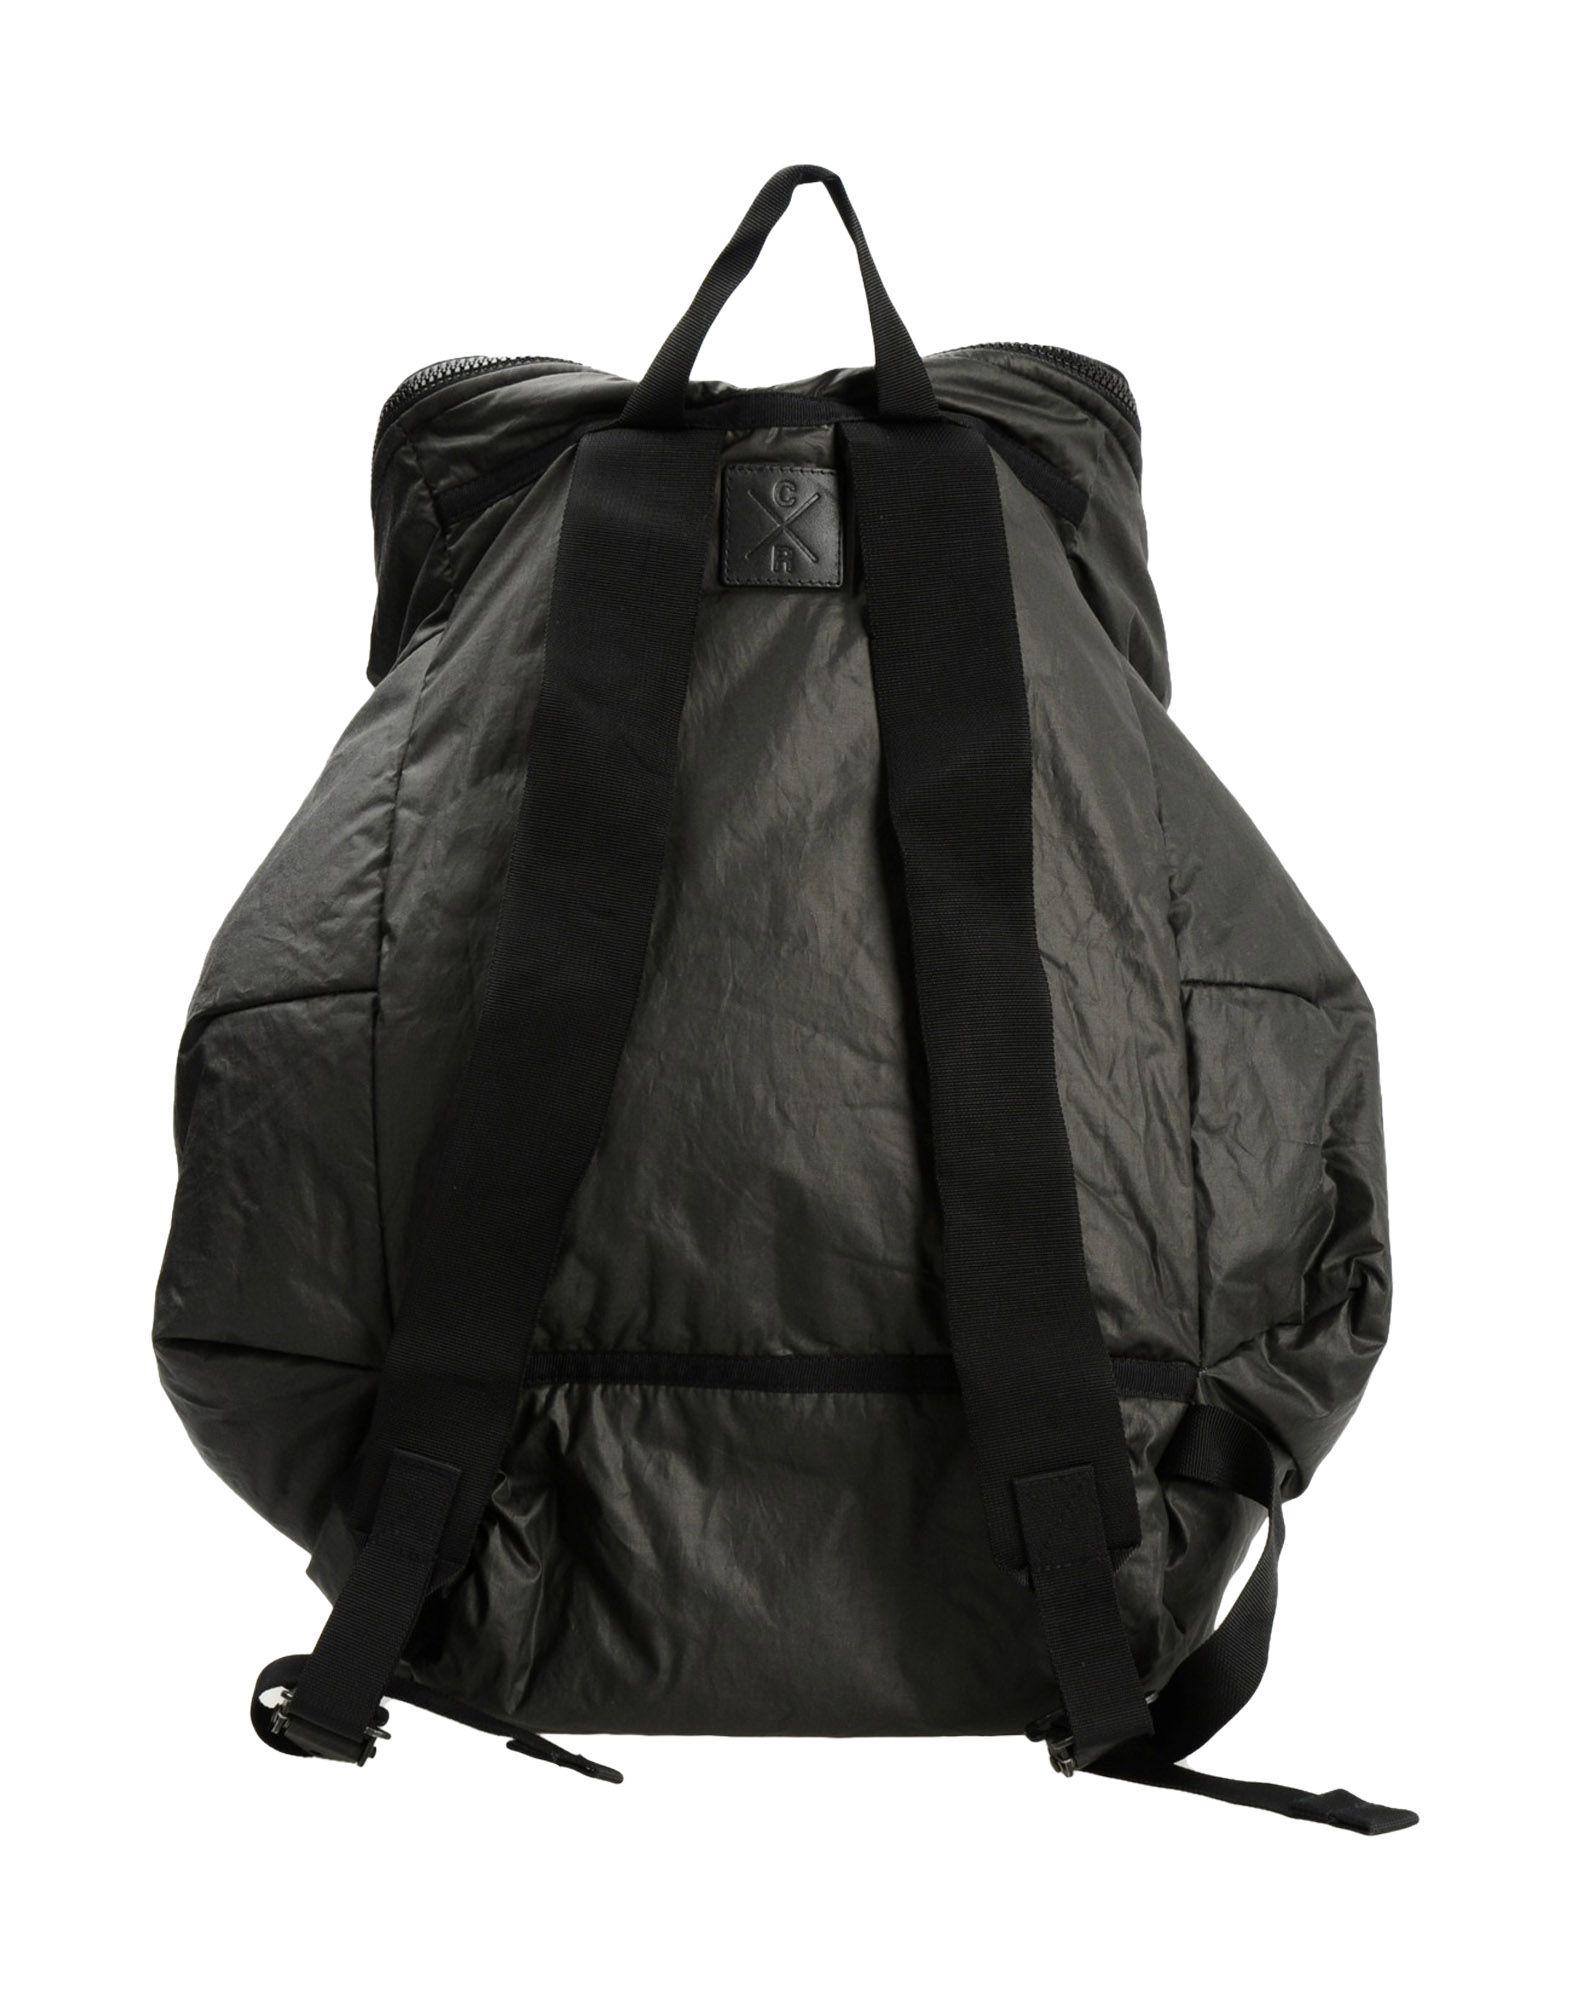 Christopher Raeburn Leather Backpacks & Fanny Packs in Black for Men